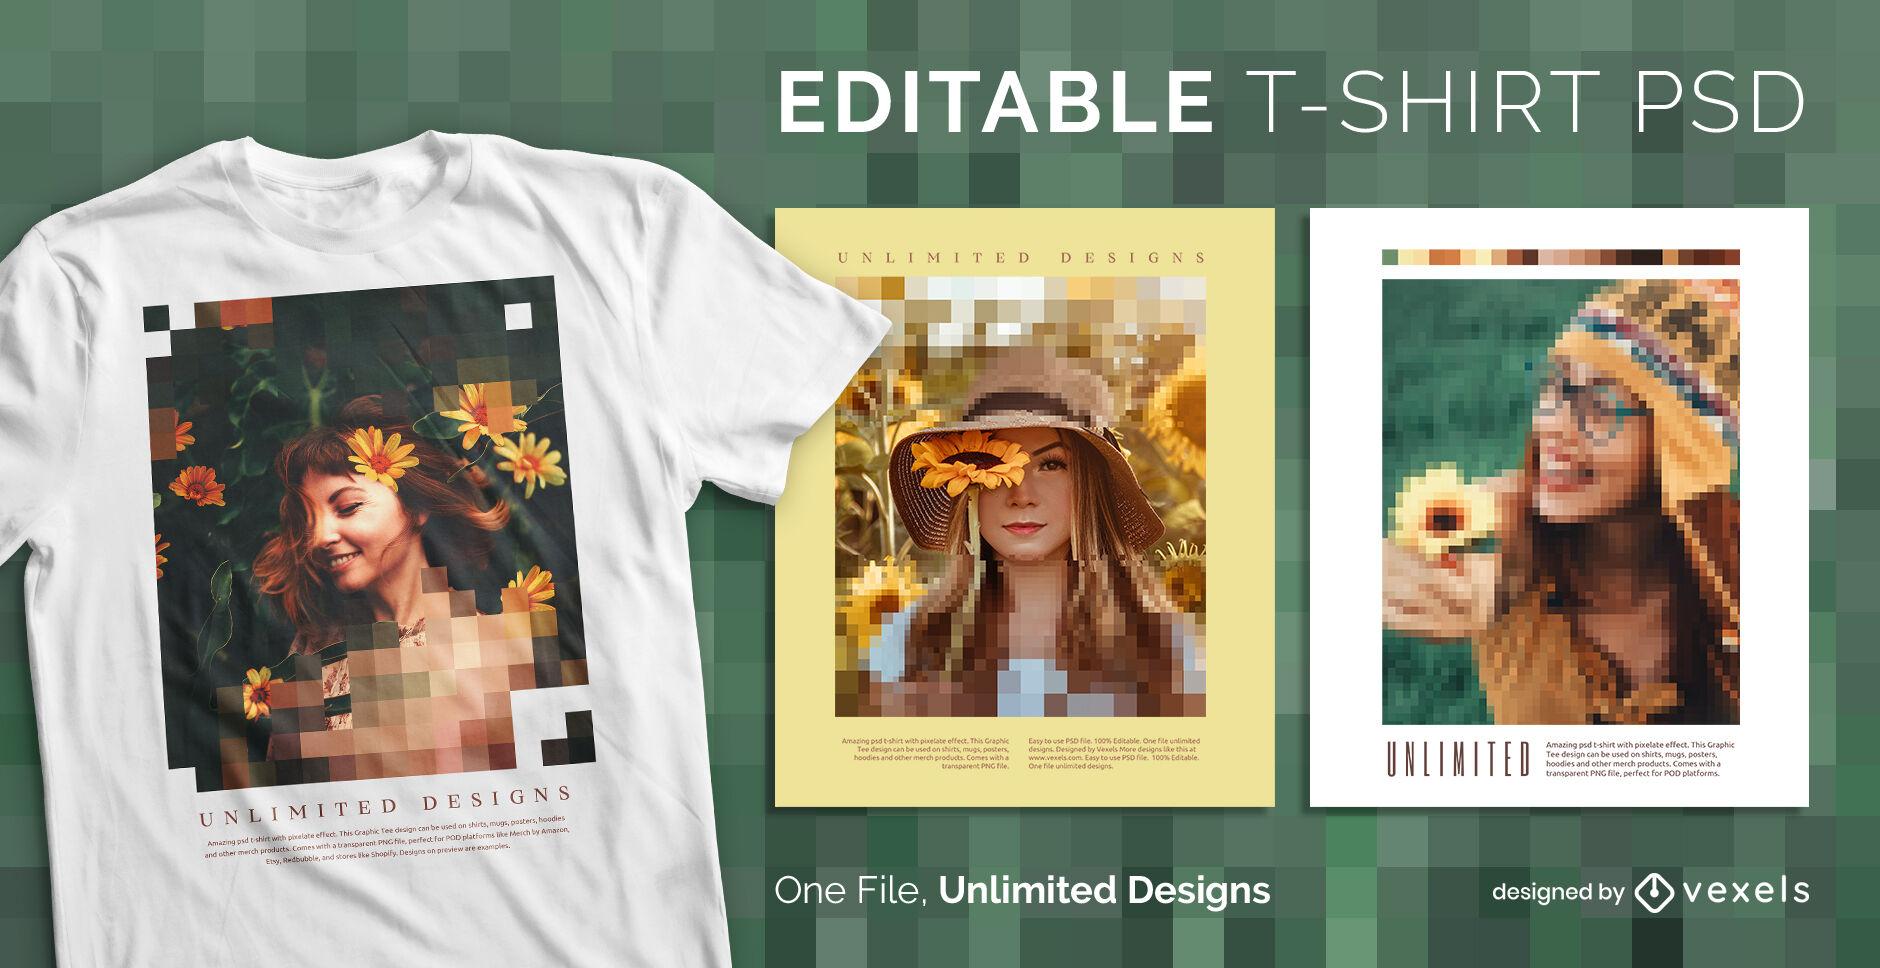 Camiseta psd editable de p?xeles sobre imagen